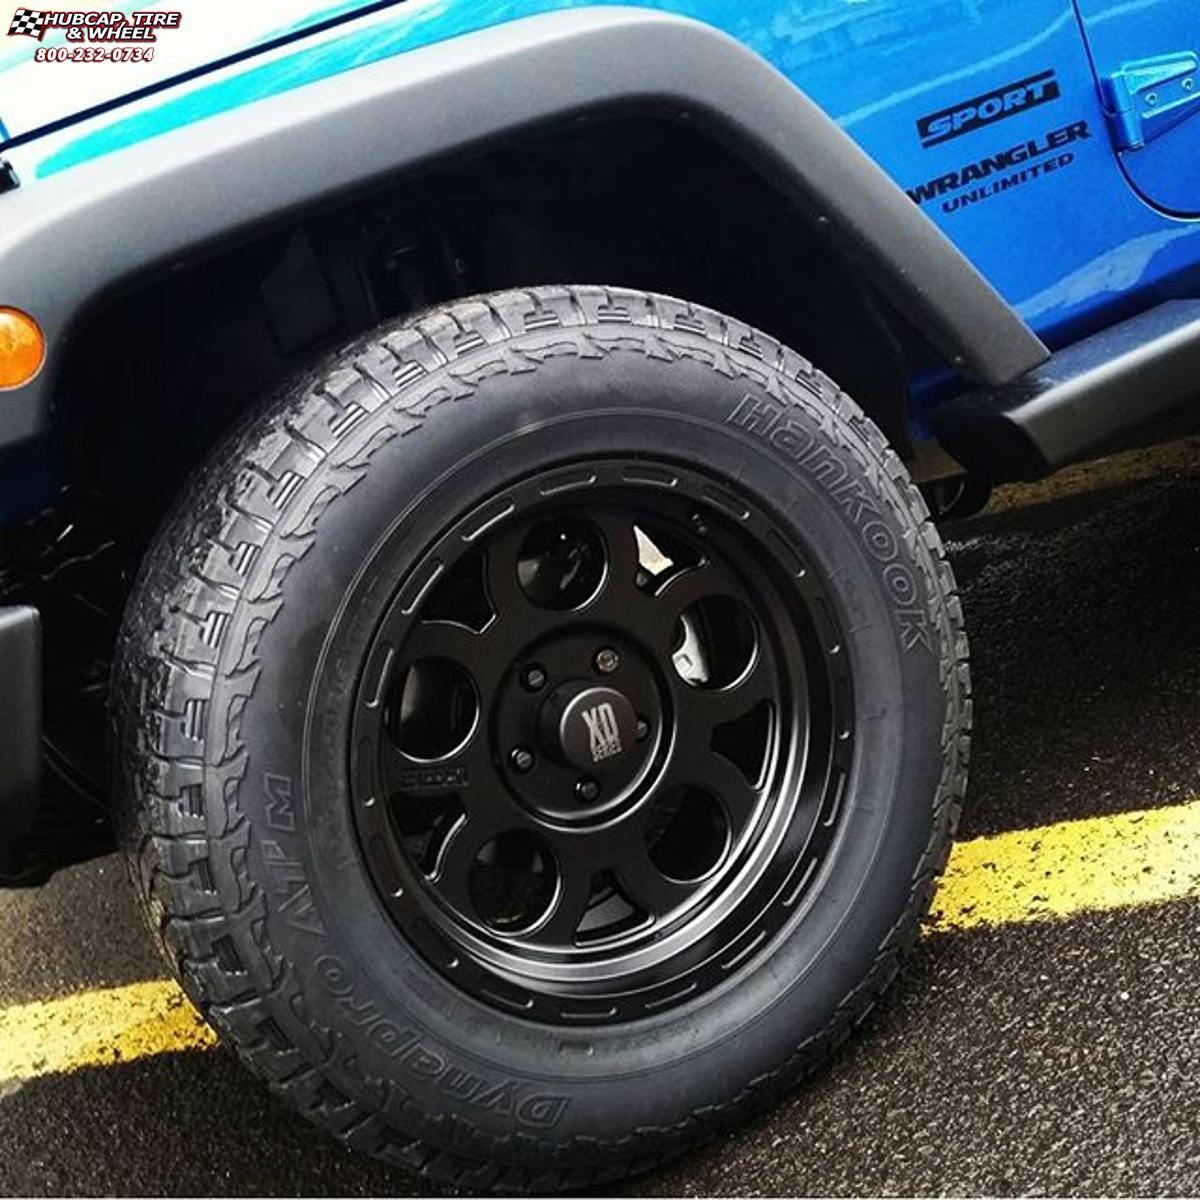 Jeep Wrangler Xd Series Xd122 Enduro Wheels Matte Black